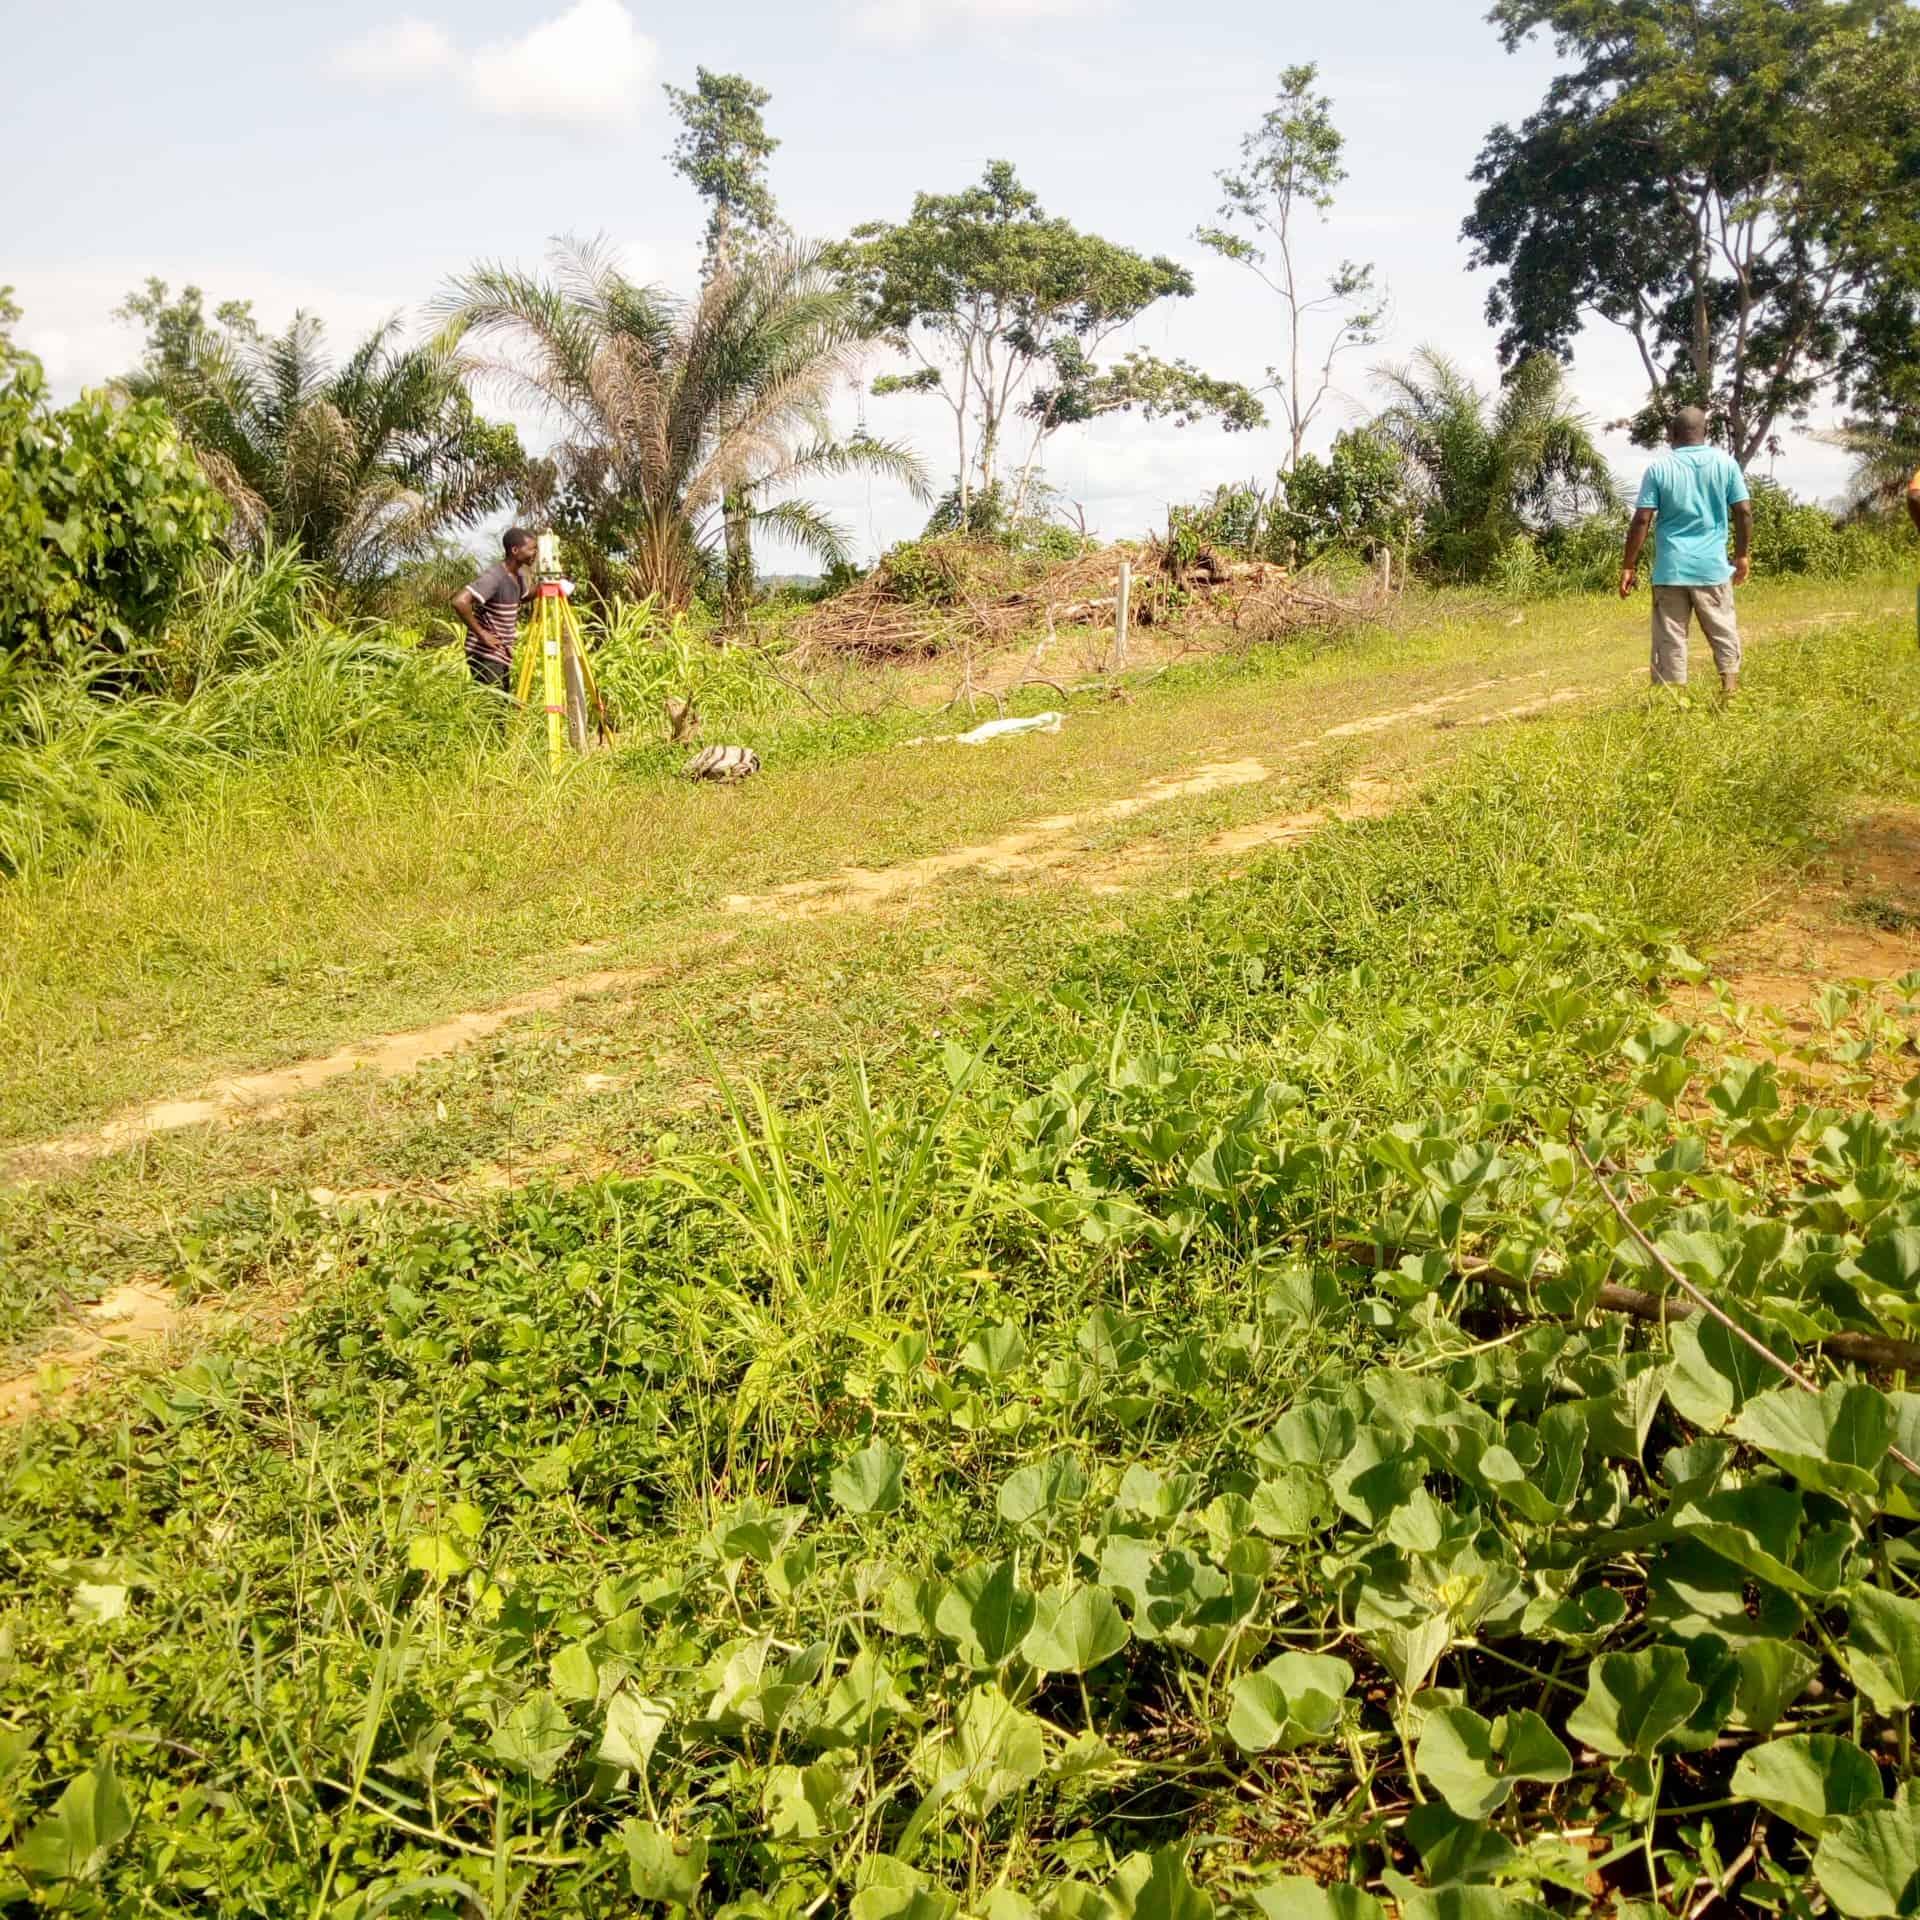 Land for sale at Douala, PK 24, Pk24 - 2000 m2 - 6 000 000 FCFA